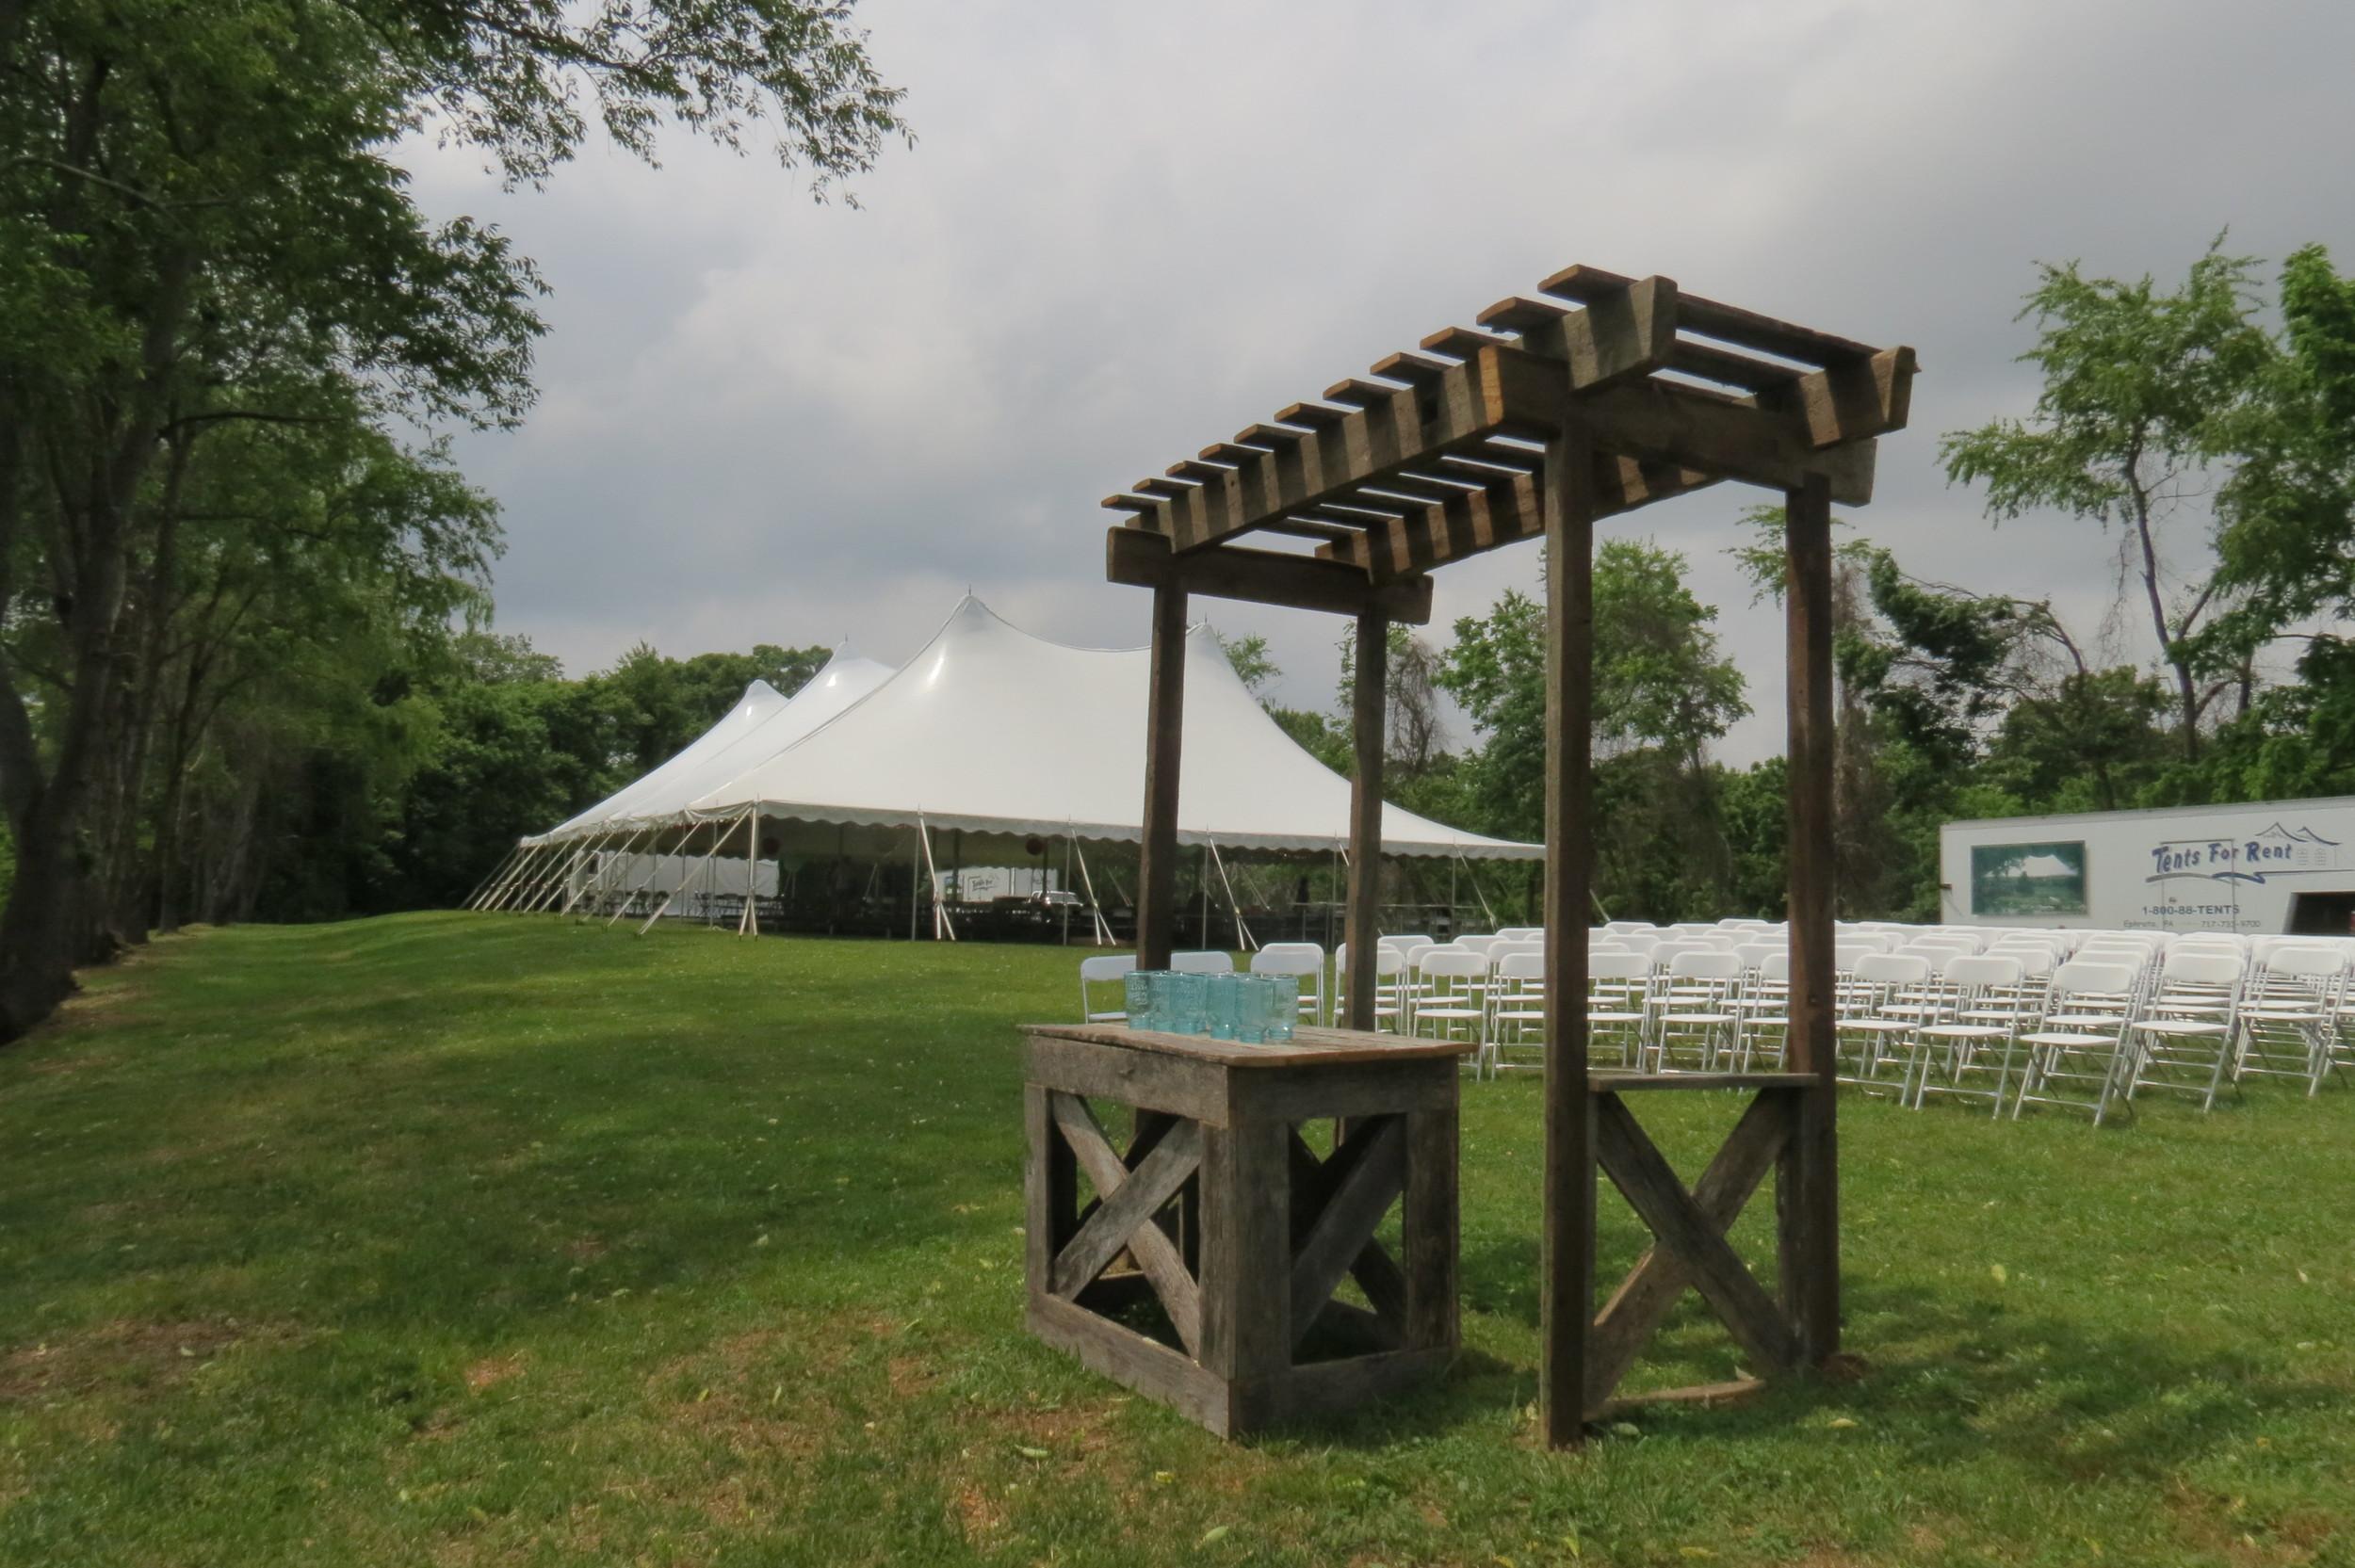 Wedding rentals in Delaware